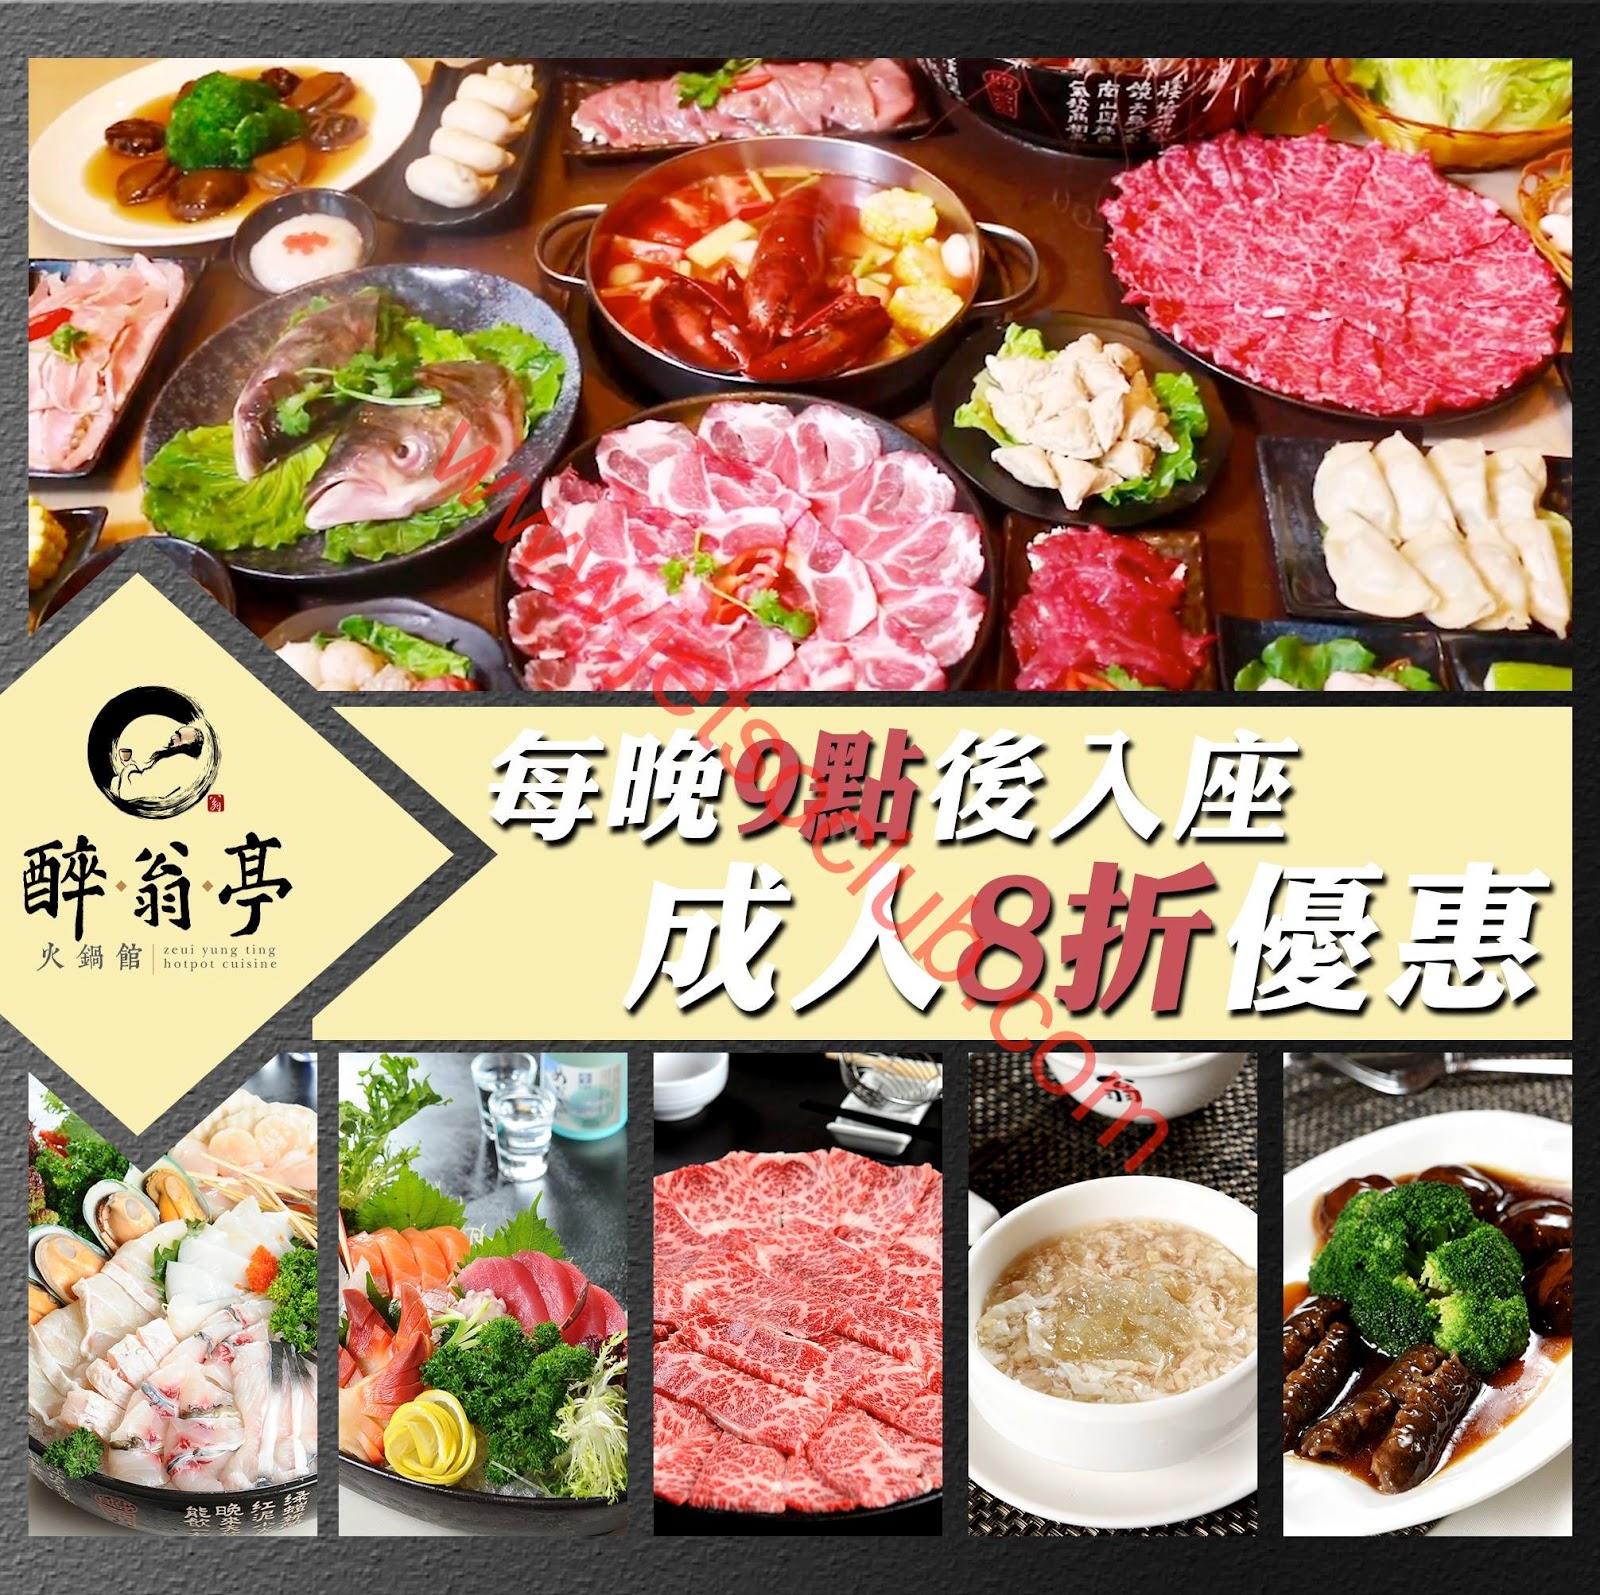 醉翁亭:任食火鍋 每晚9點後 8折優惠 ( Jetso Club 著數俱樂部 )